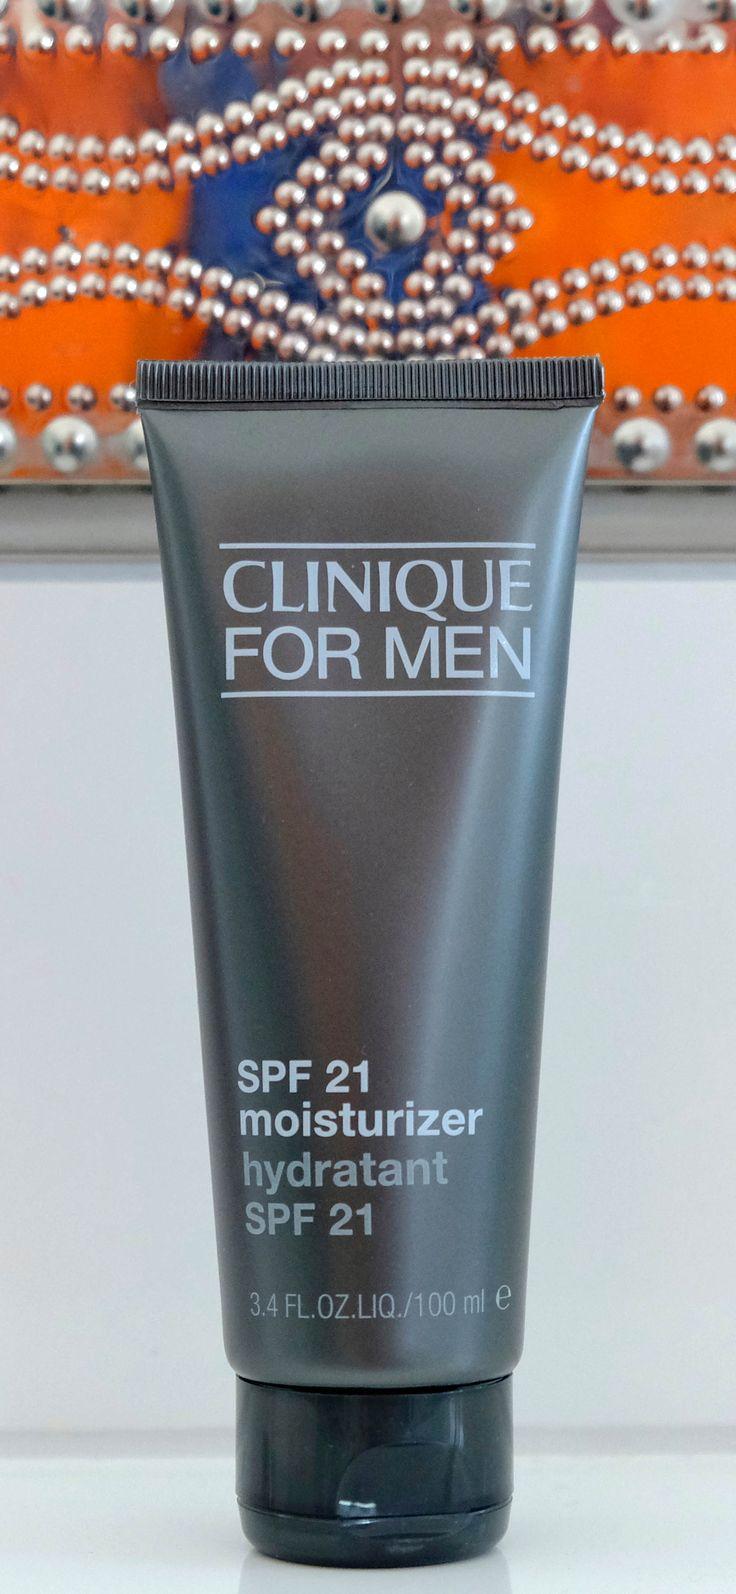 Clinique Moisturizer Perfekt SPF 21 •Erfahrungsbericht • Kosmetik für Männer